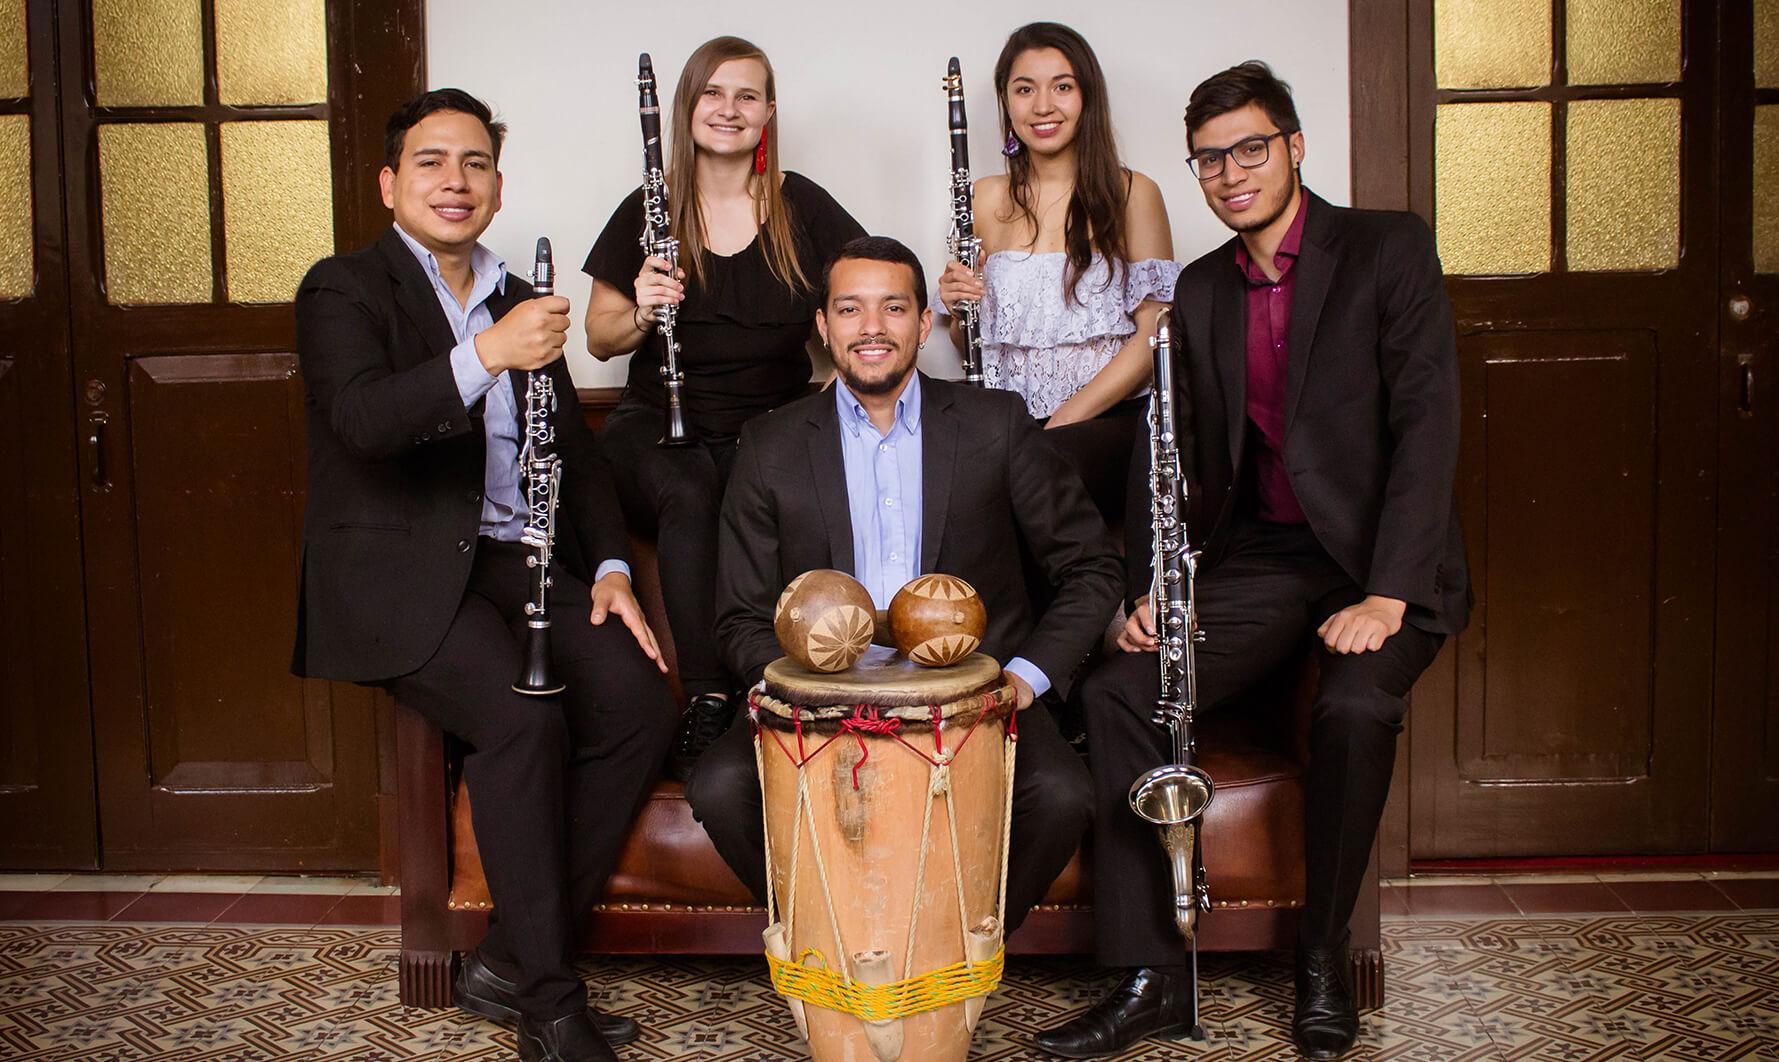 Cámara Colombia - CañaBrava, Cuarteto de Clarinetes y Percusión